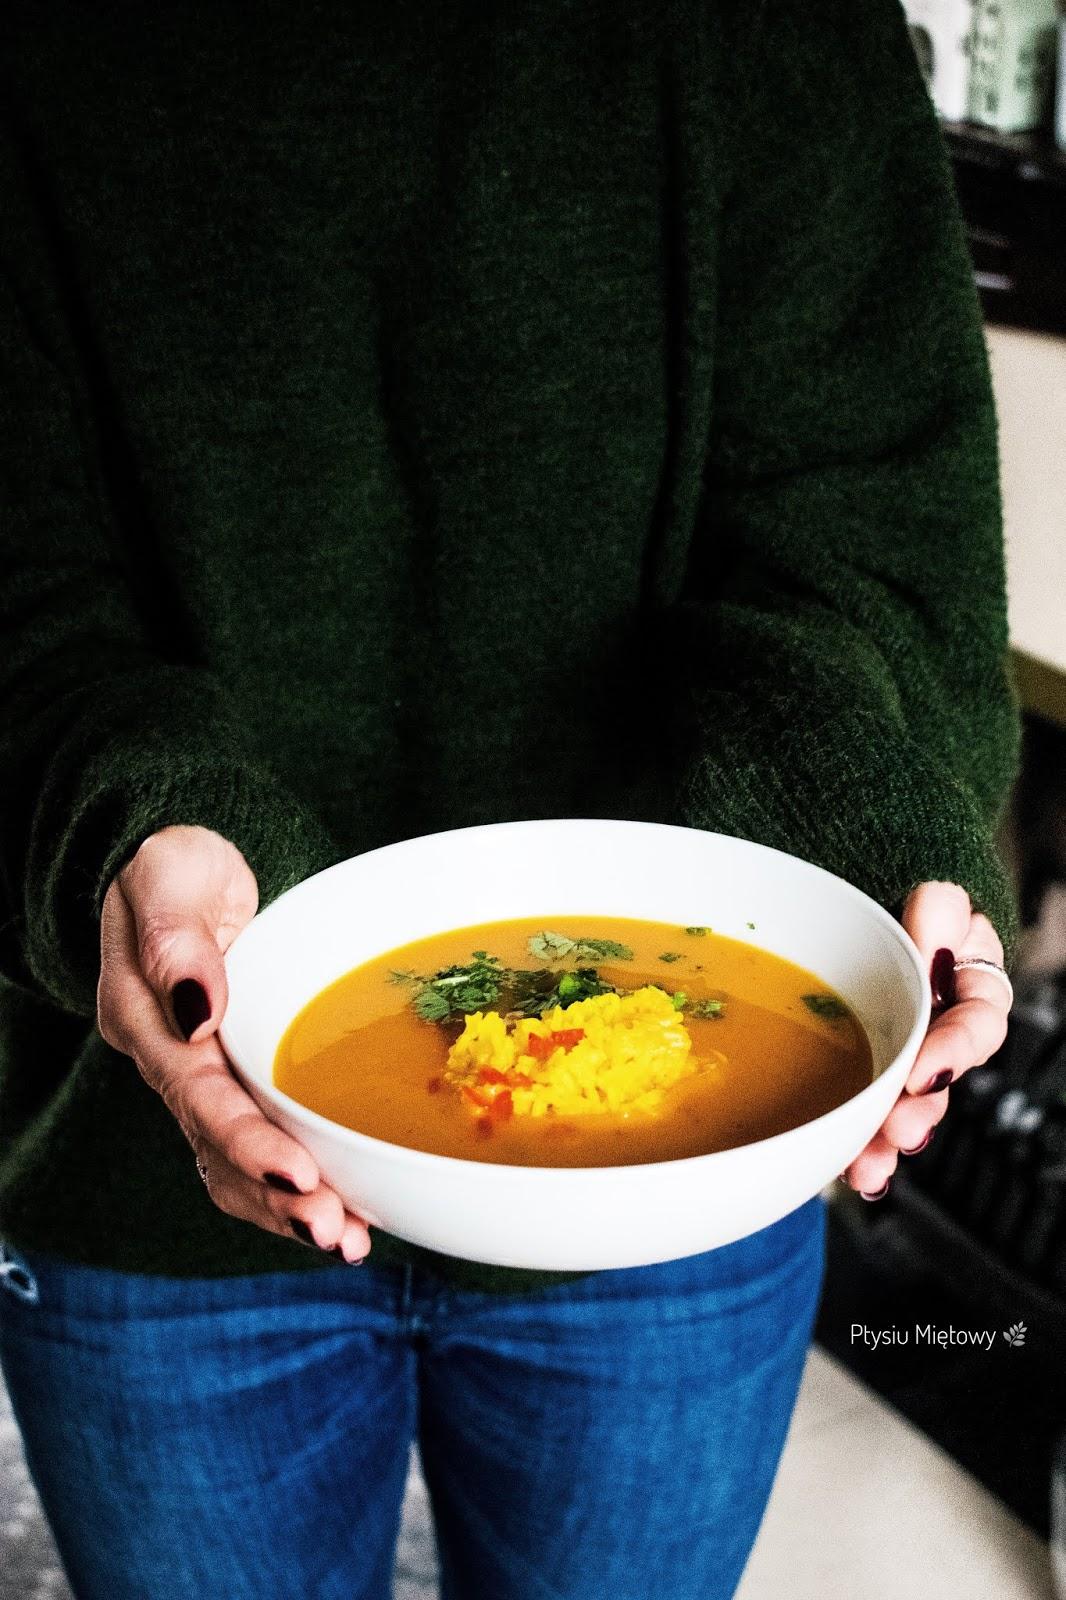 zupa, obiad, dynia, ptysiu mietowy